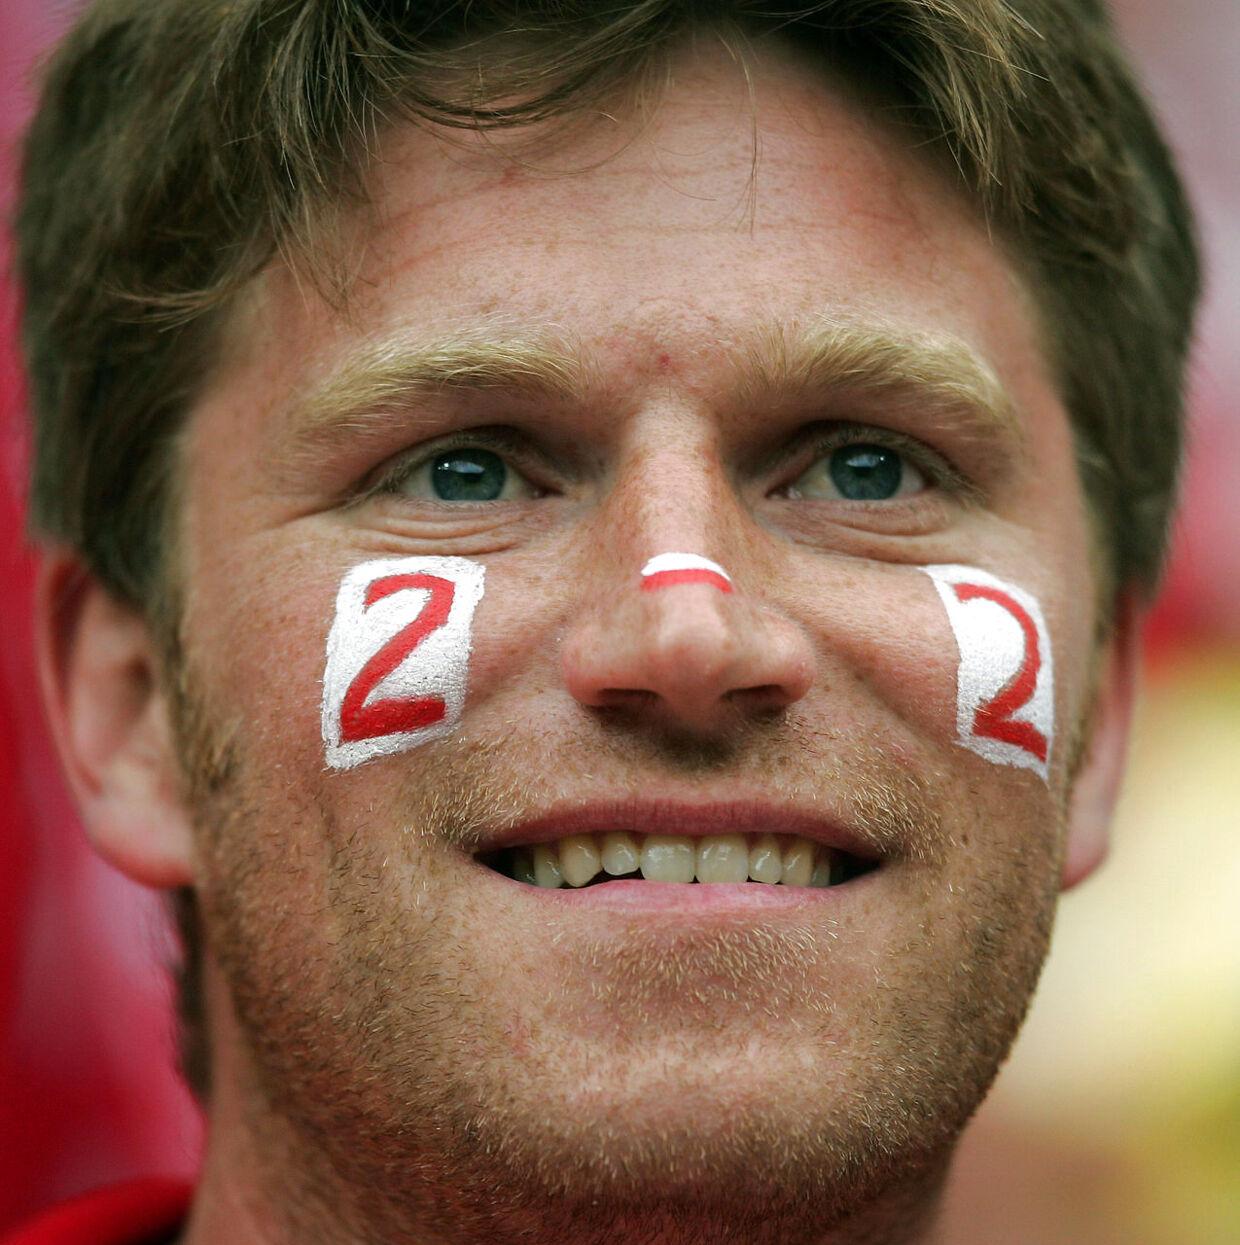 2-2 var det eneste resultat, der i 2004 kunne sende både Danmark og Sverige videre ved EM i Portugal. Og hvad blev kampen? 2-2, naturligvis